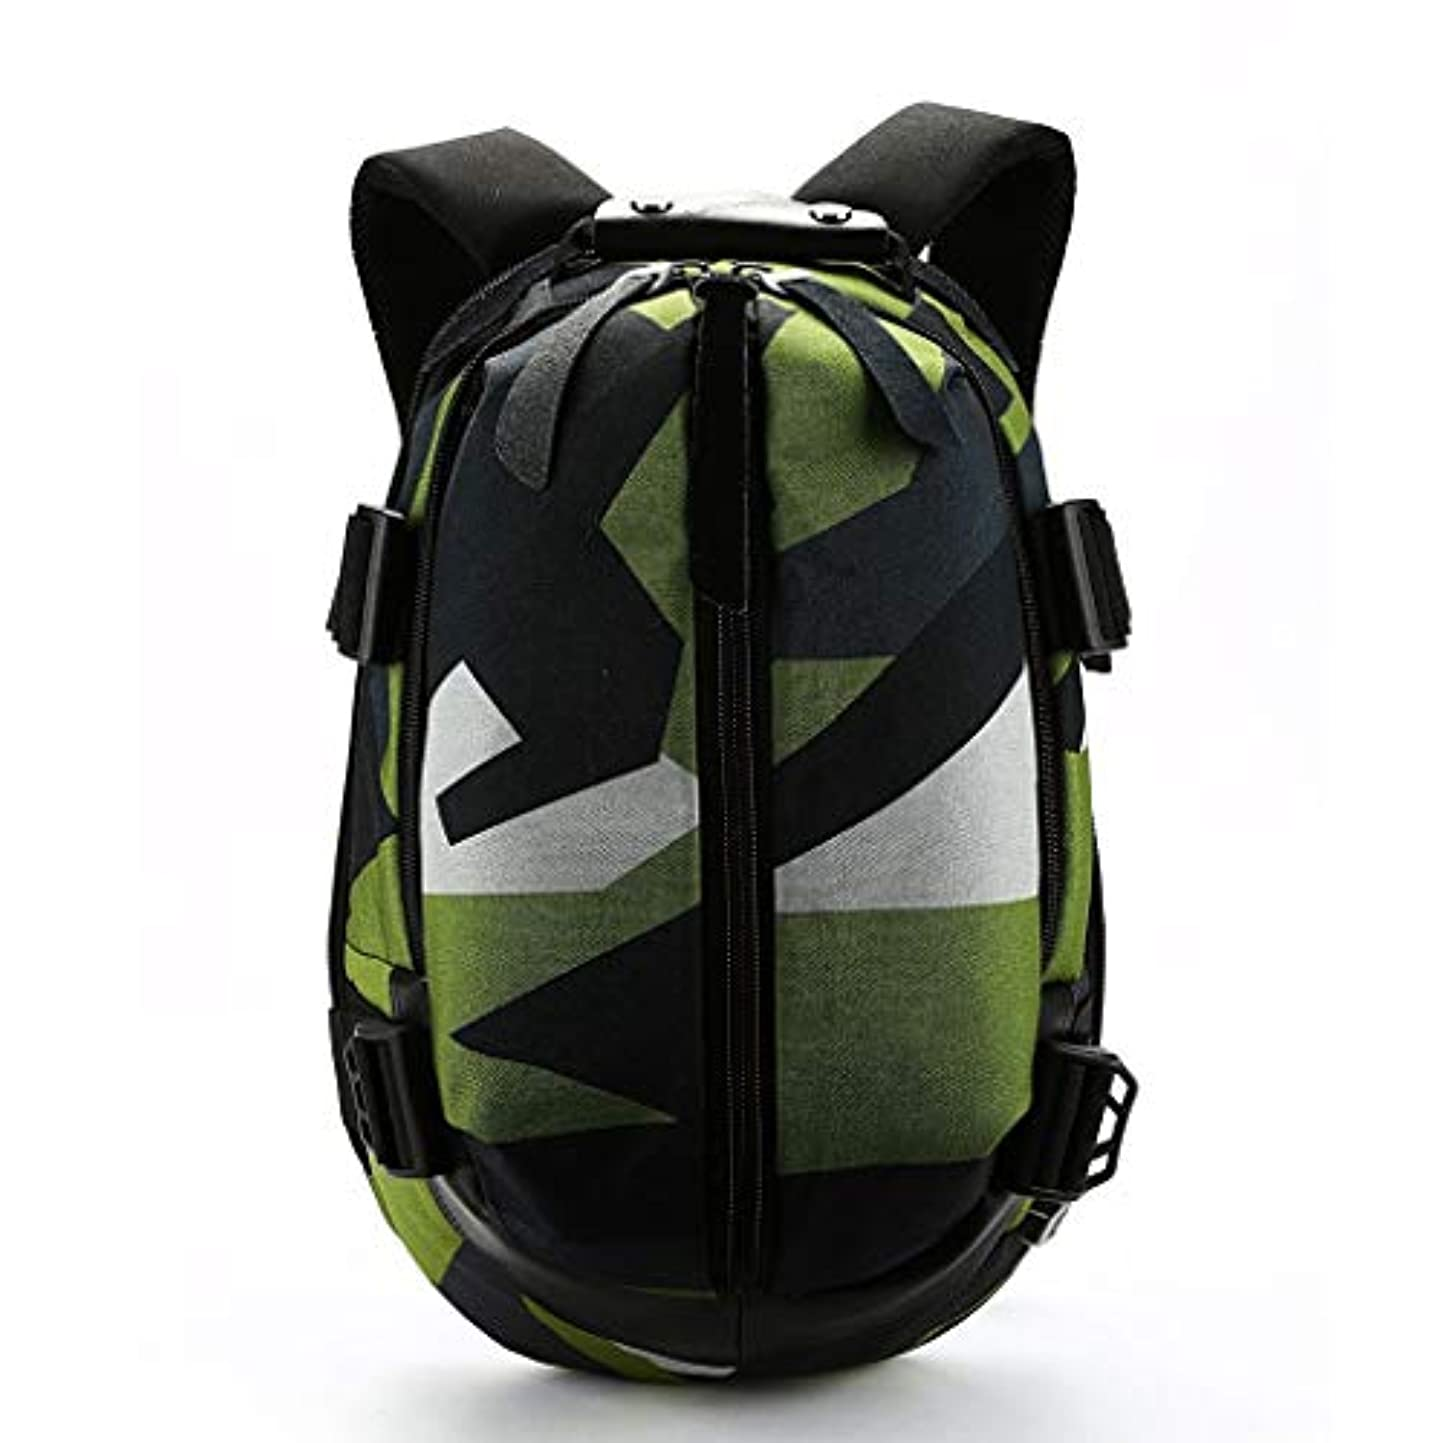 専ら名前を作る食事ユニセックススクール防水バックパックオックスフォード布バックパック男性カジュアルusb充電式学生バックパック QYSZYG (Color : Green)